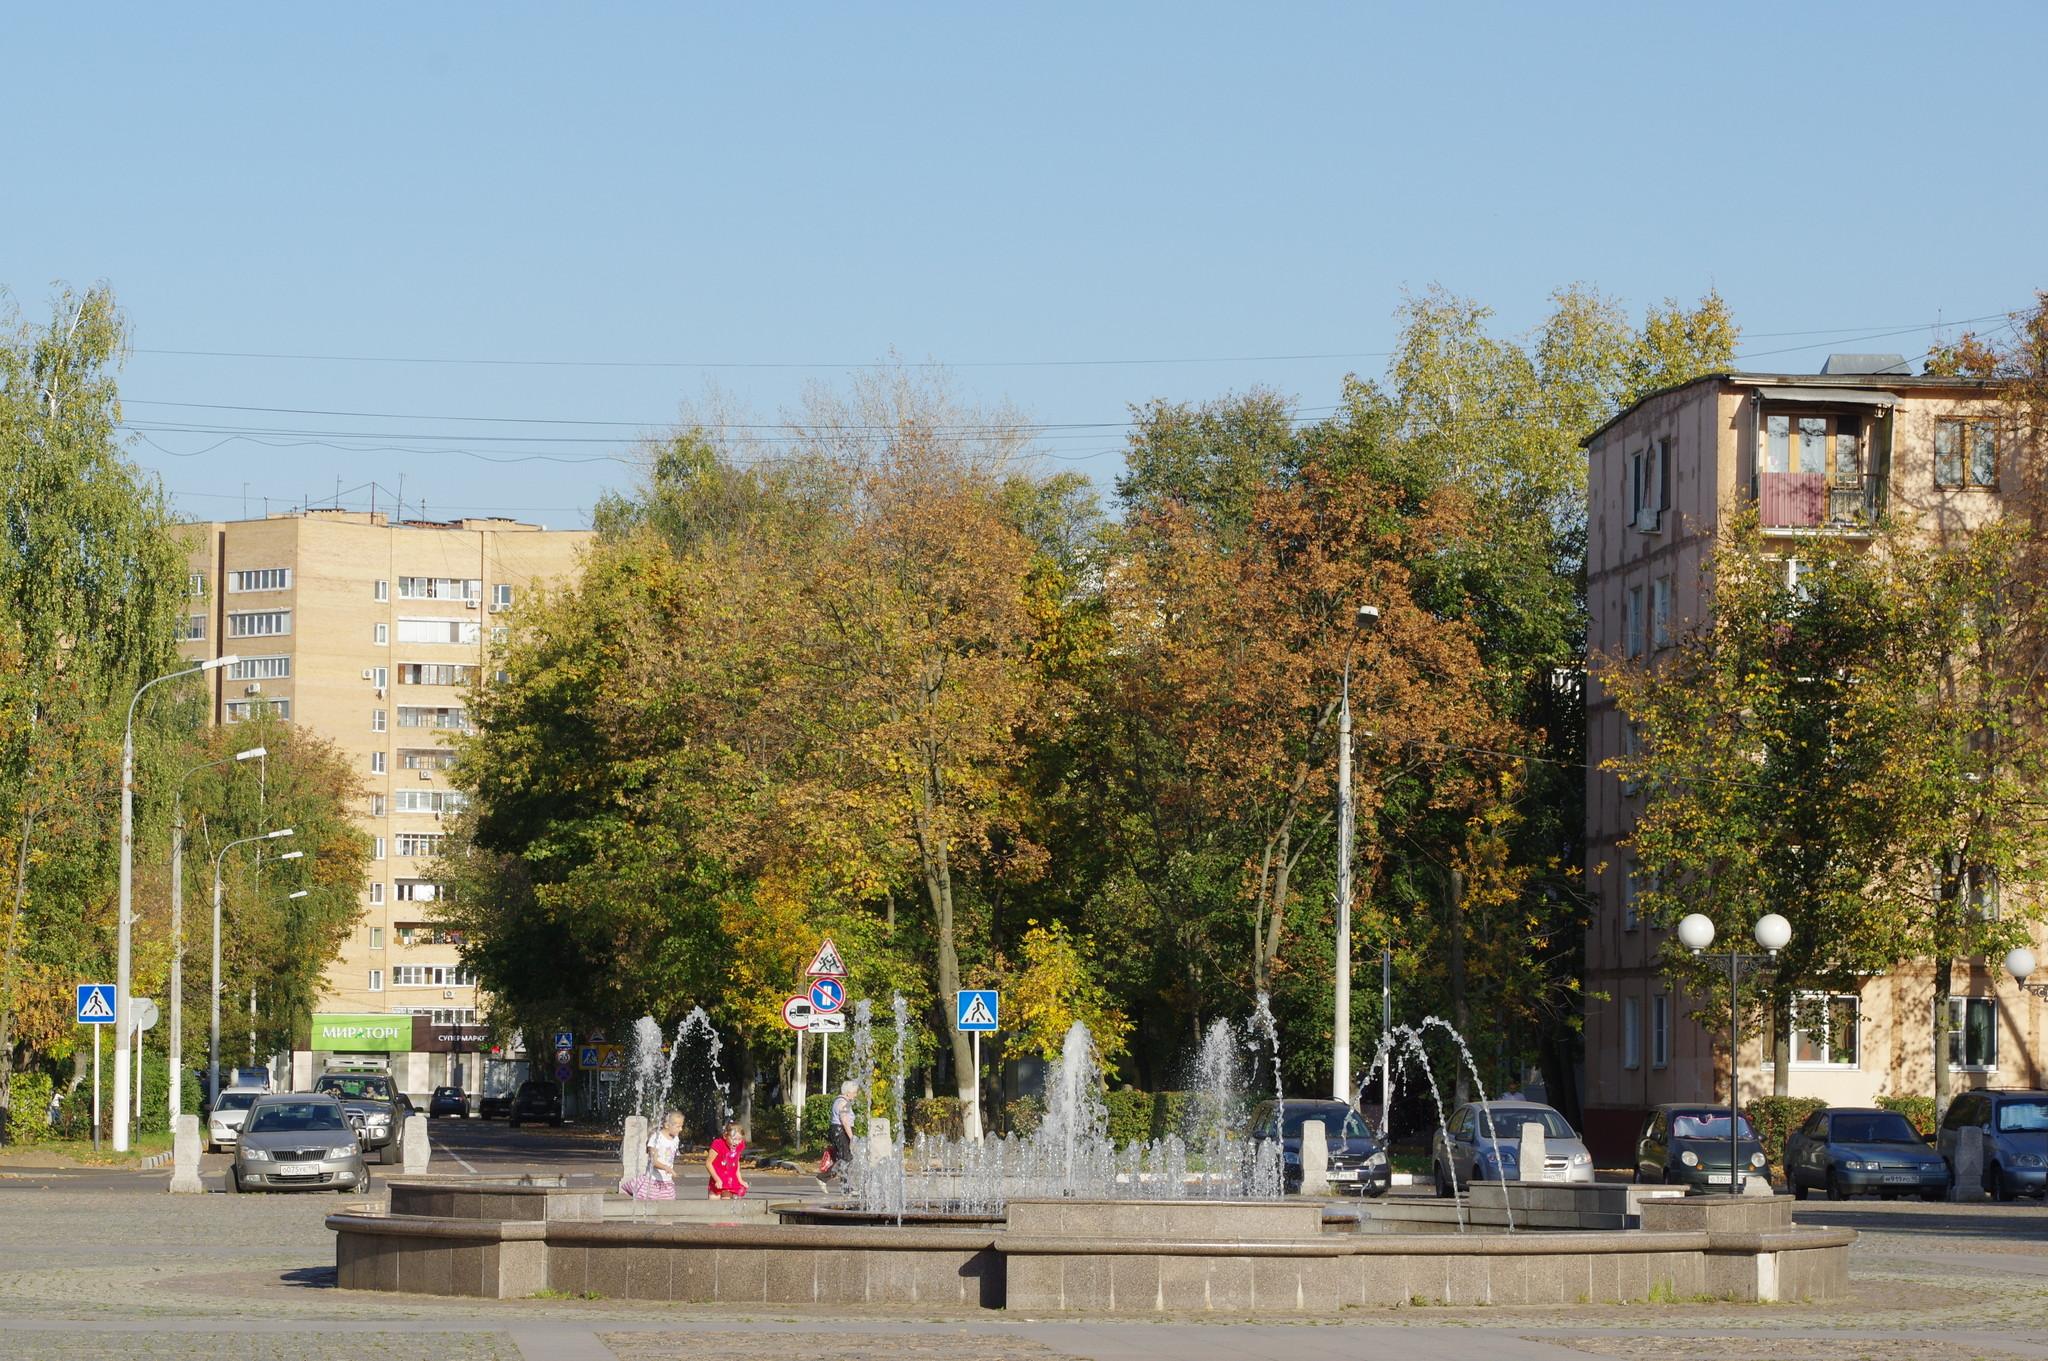 Фонтан на площади Собина в городе Долгопрудном Московской области